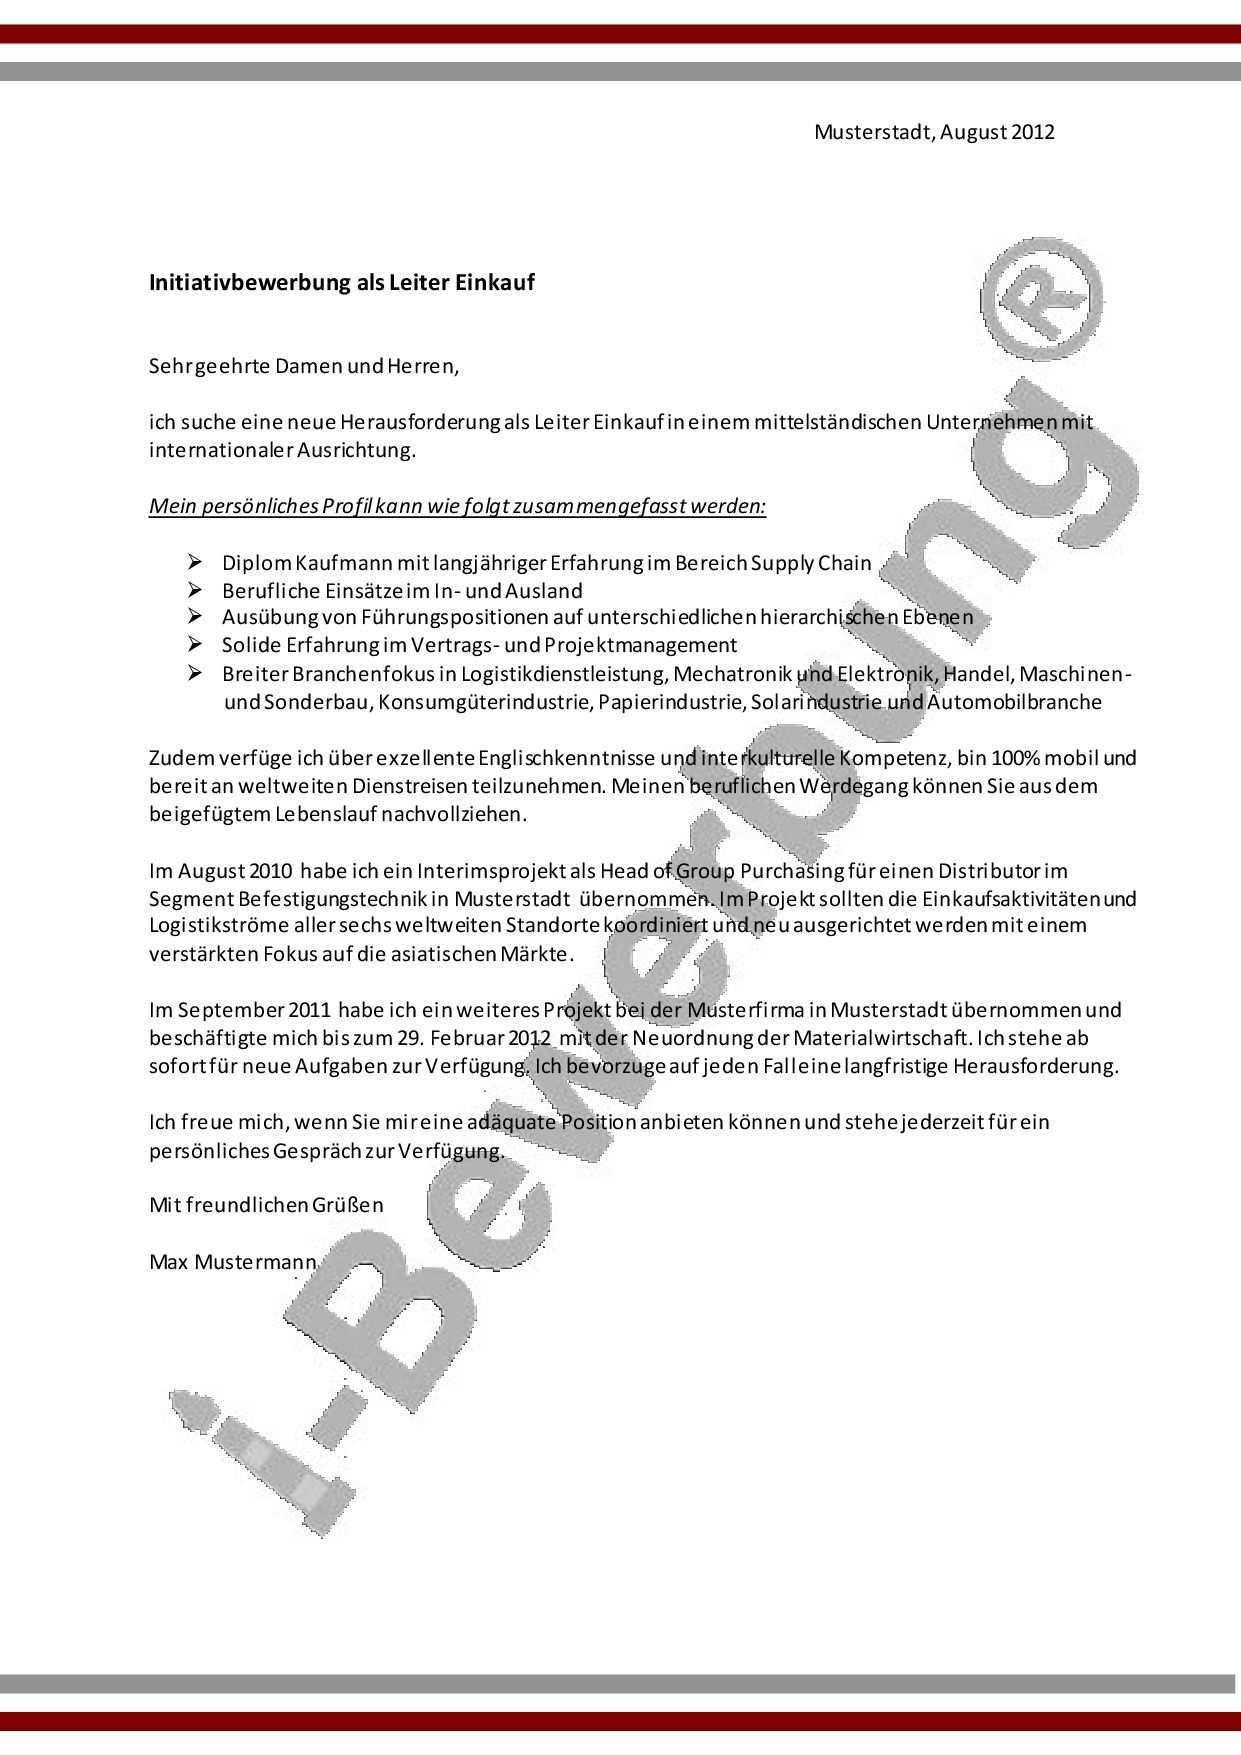 Initiativbewerbung Leiter Einkauf Muster Anschreiben Anschreiben Bewerbung Bewerbung Schreiben